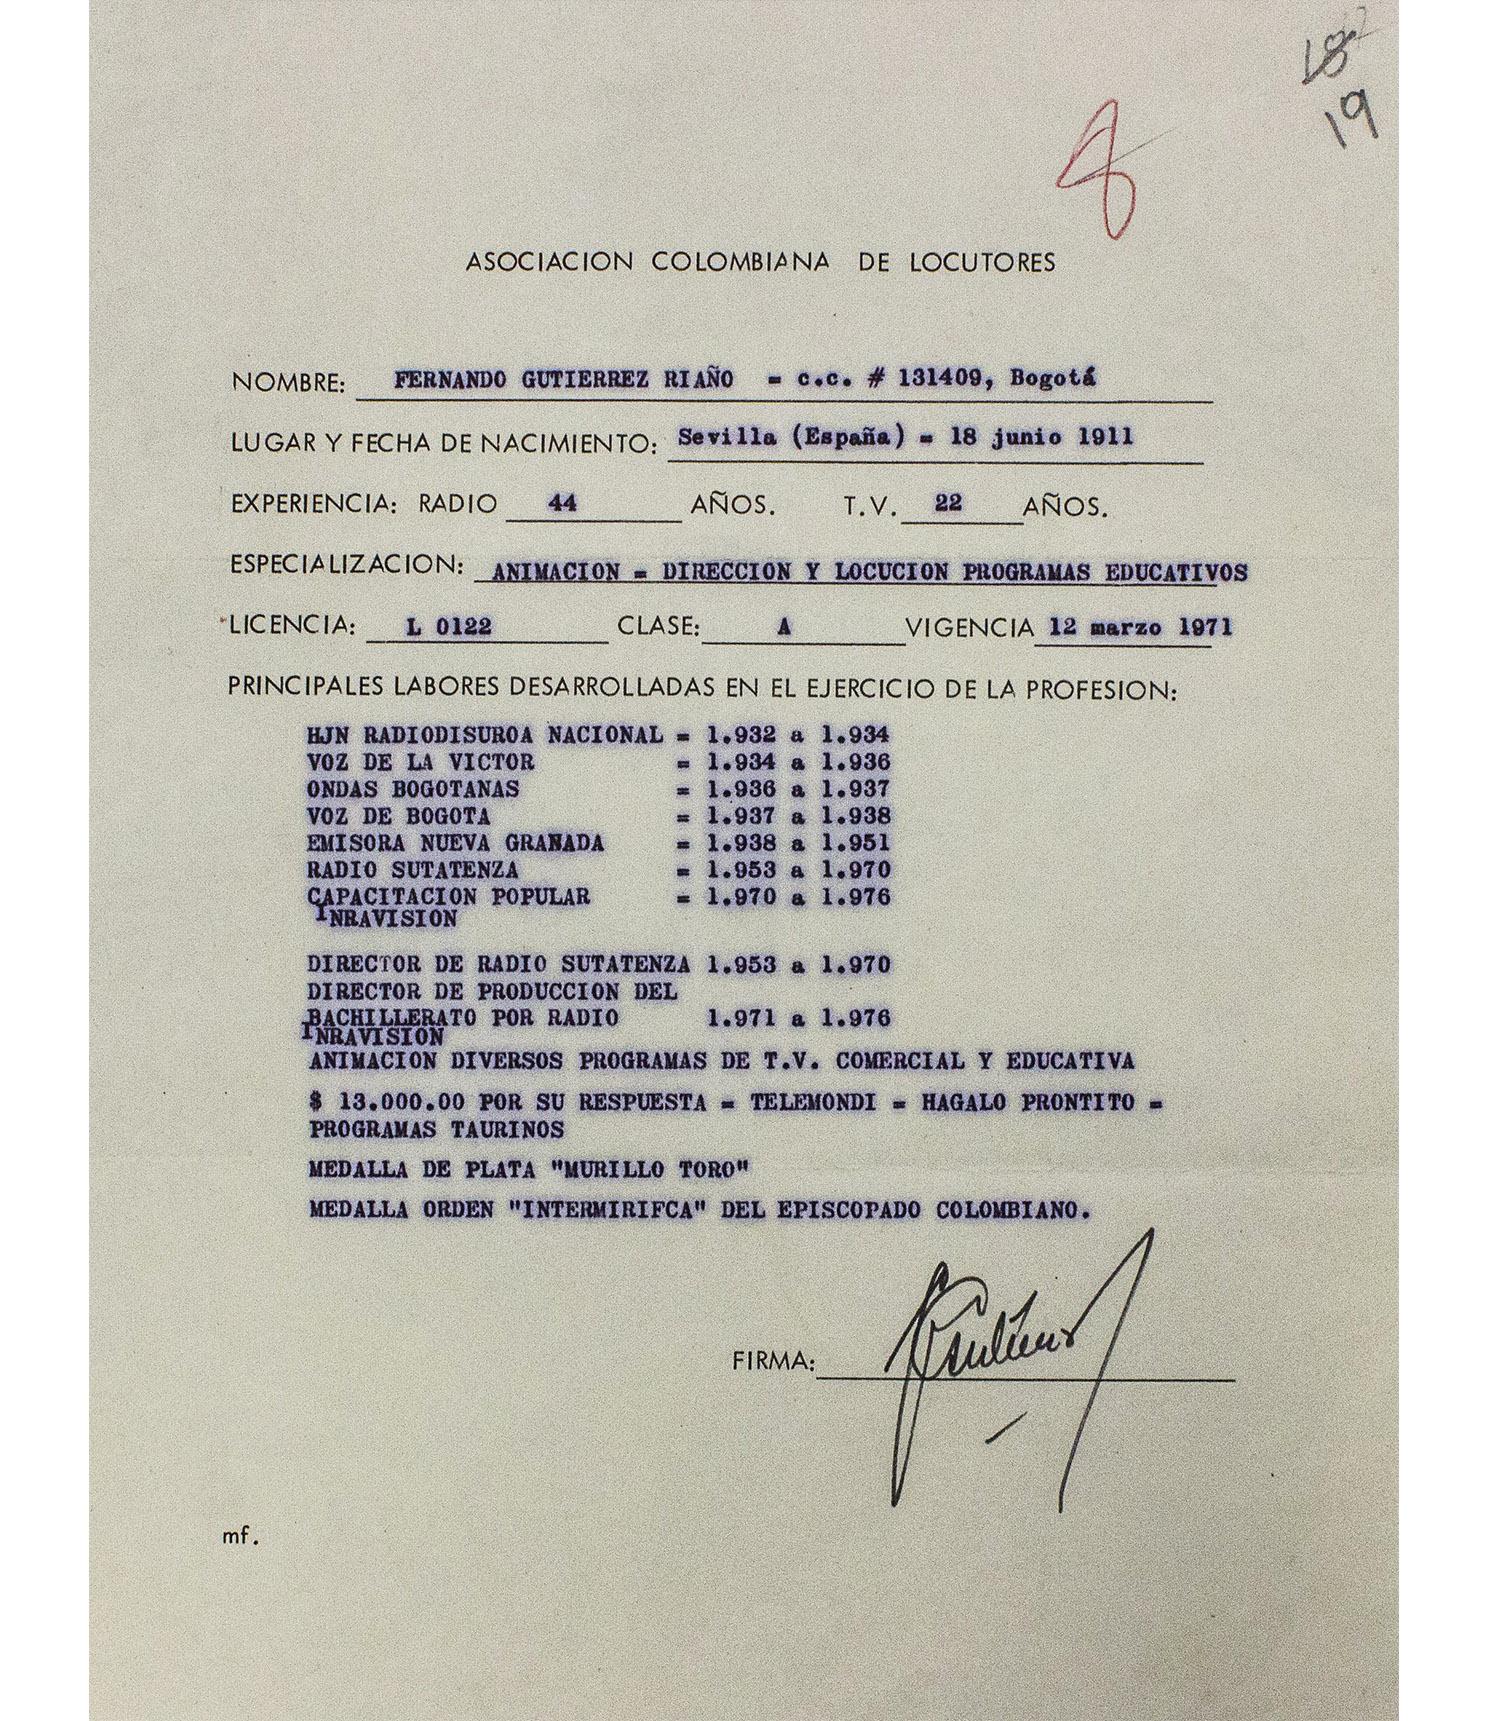 Soporte de Licencia de Locutor de Fernando Gutiérrez Riaño.